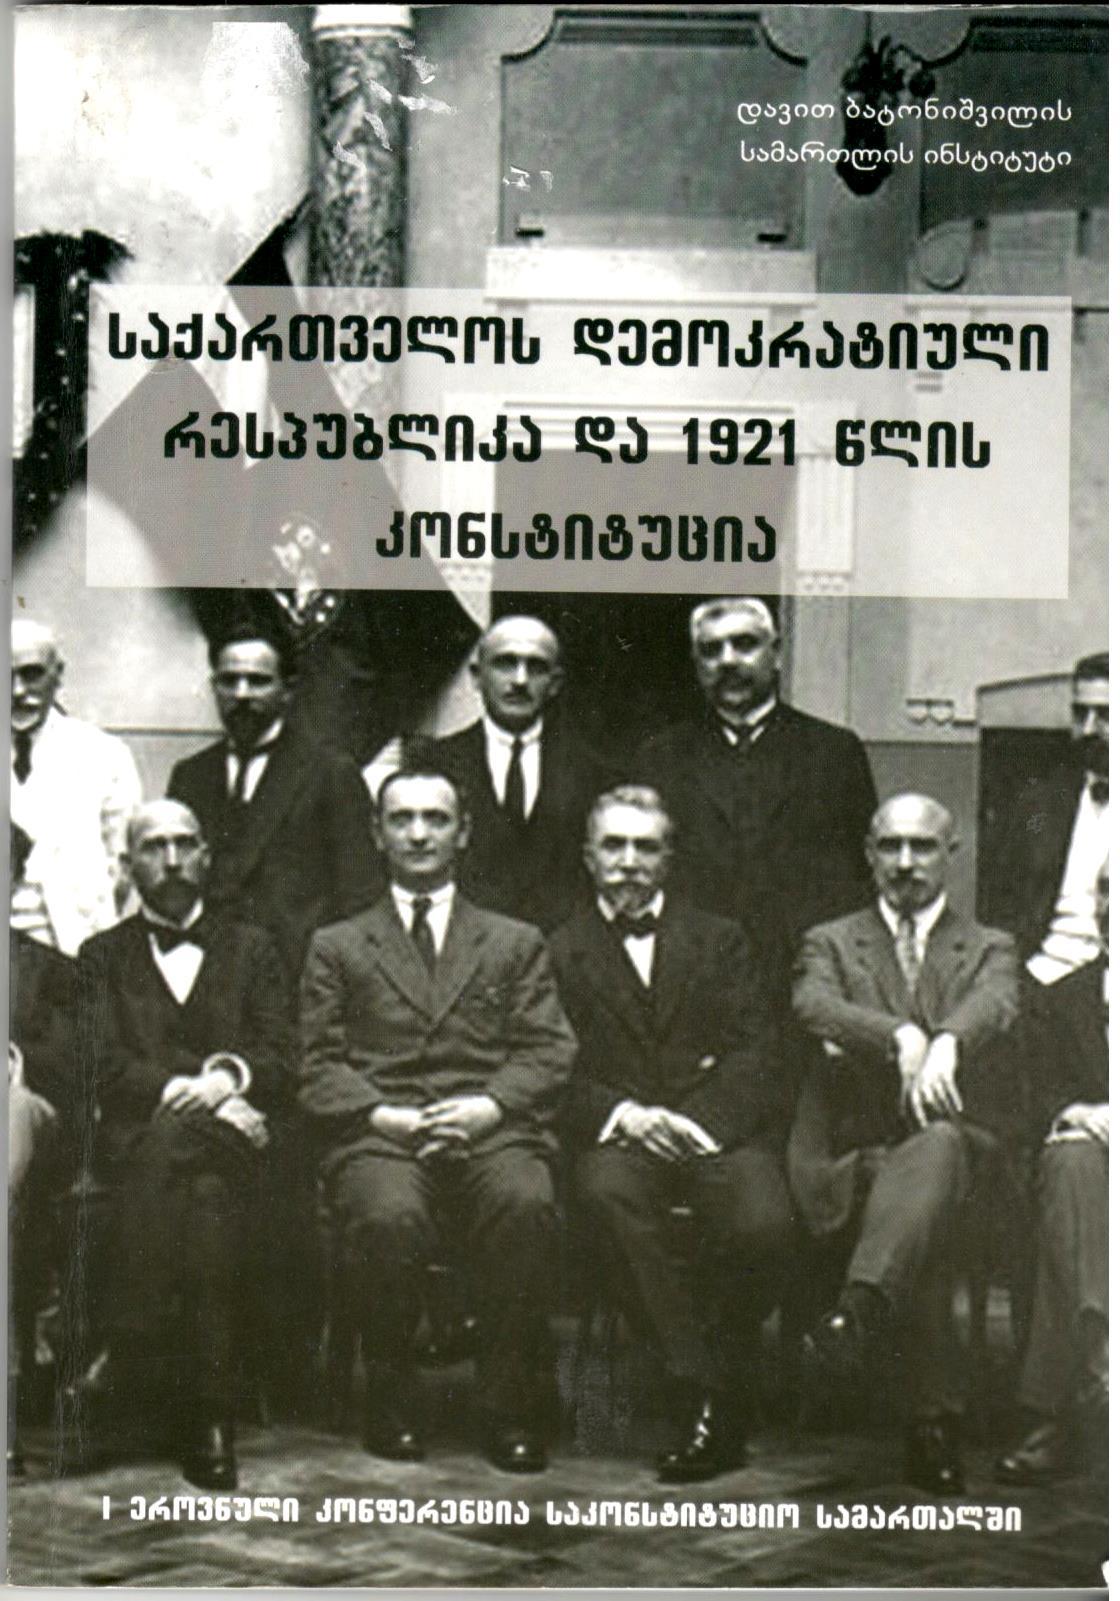 საქართველოს დემოკრატიული რესპუბლიკა და 1921 წლის კონსტიტუცია.